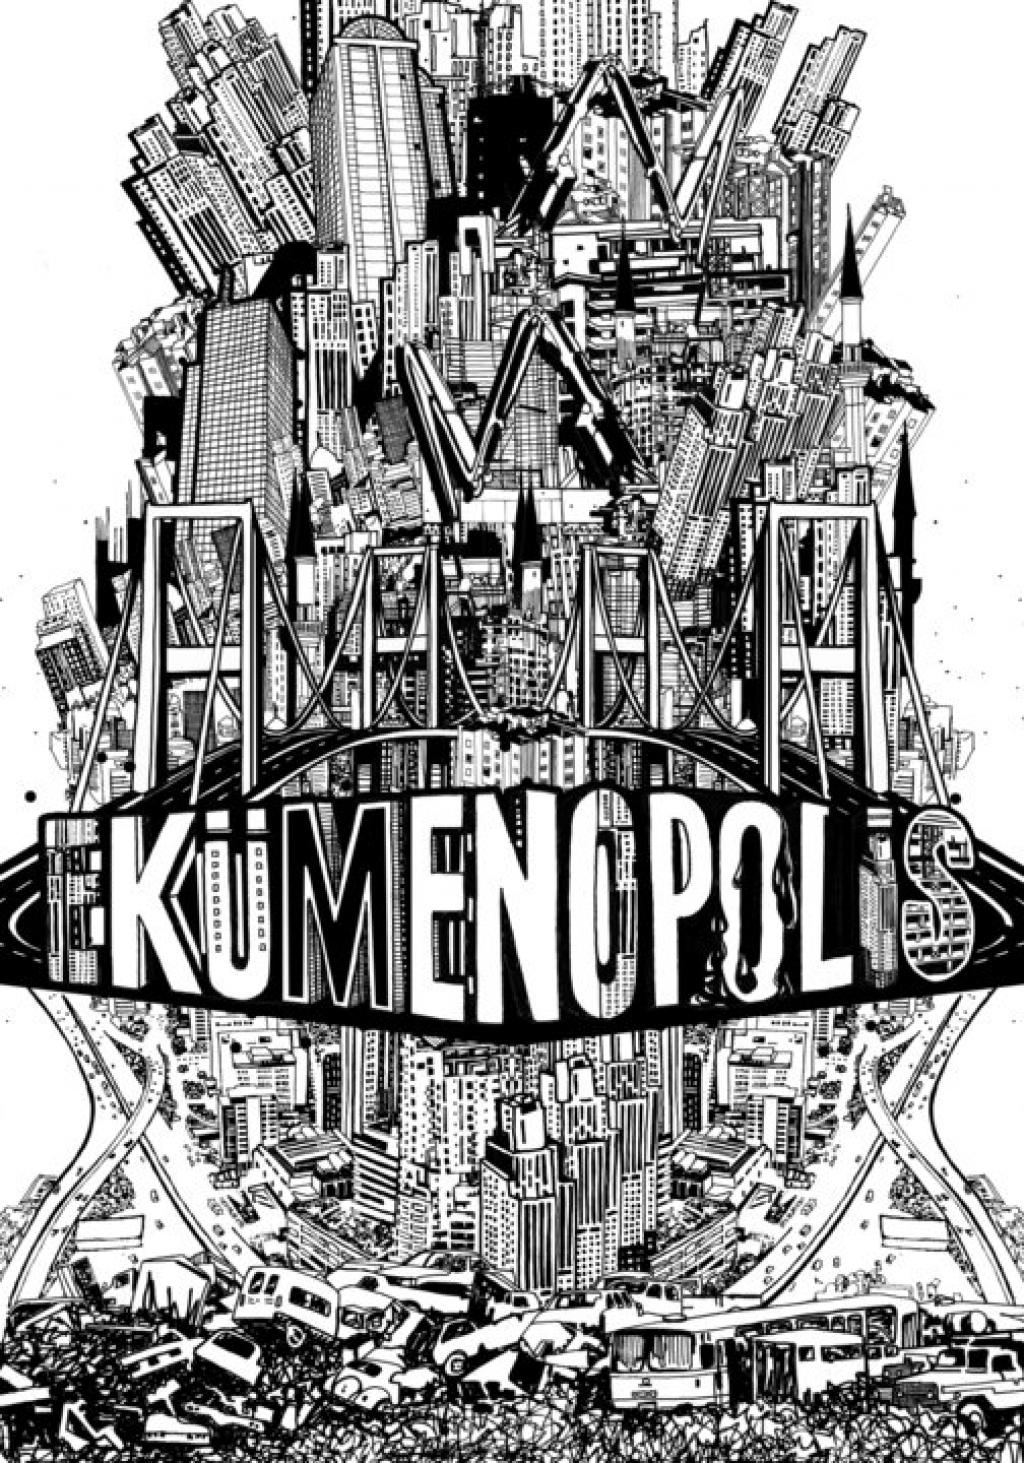 Ekümenopolis: Ucu Olmayan Şehir